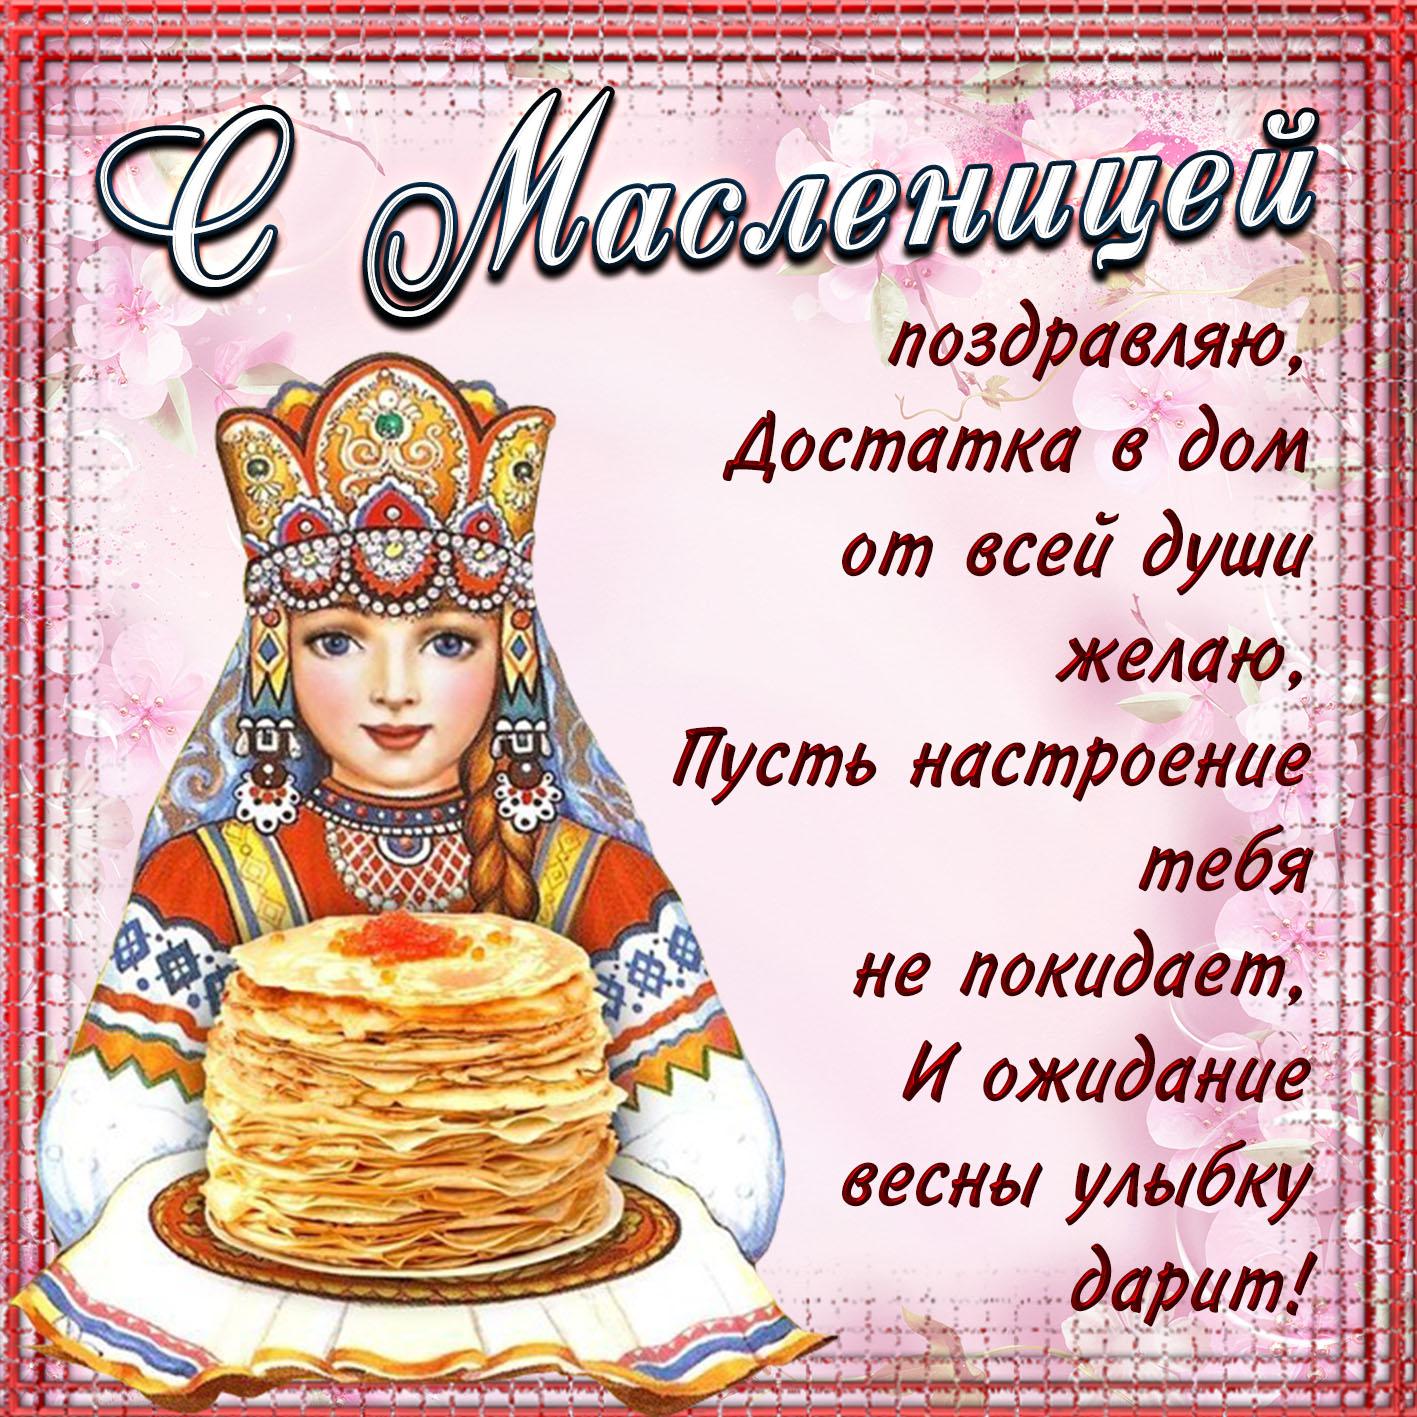 Открытка - девушка с тарелкой блинов на Масленицу